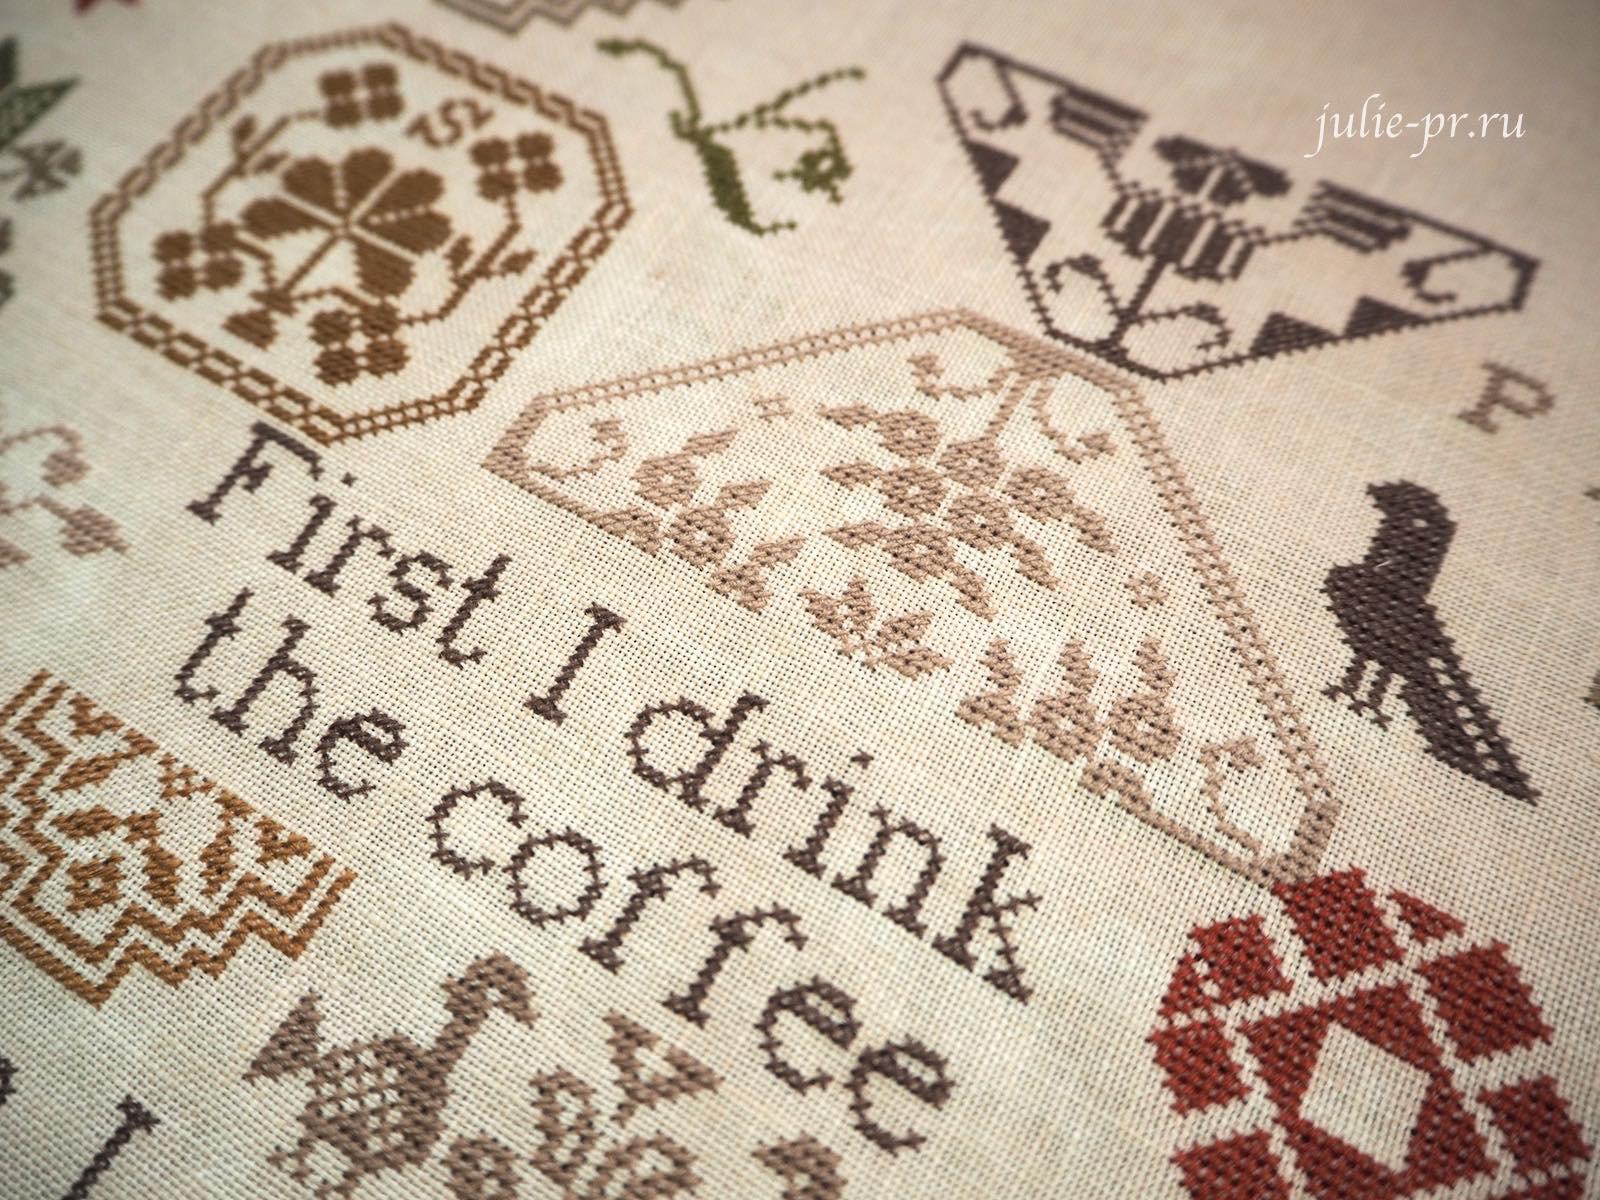 Вышивка крестом, Coffee quaker... the Magical Elixir Series N2/ Кофейный квакер,Heartstring Samplery, кофе, кофейный квакер